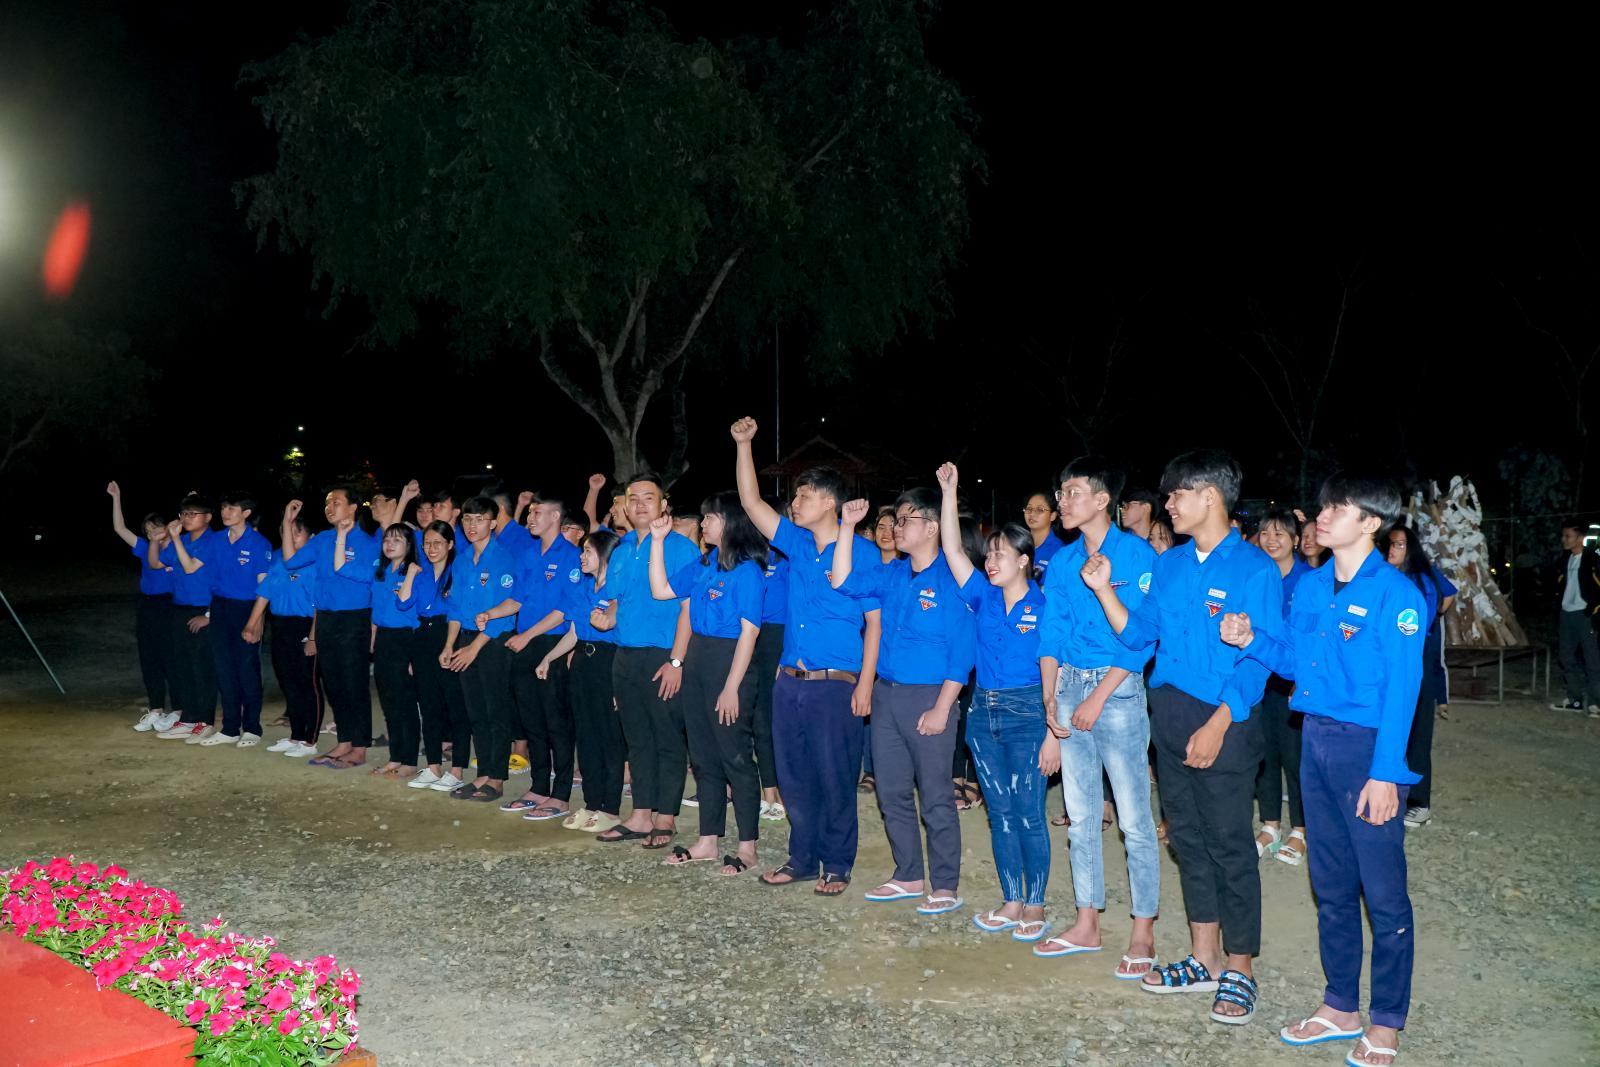 Đoàn trường THPT Bình Phú tổ chức kết nạp Đoàn viên đợt 1 năm học 2020-2021